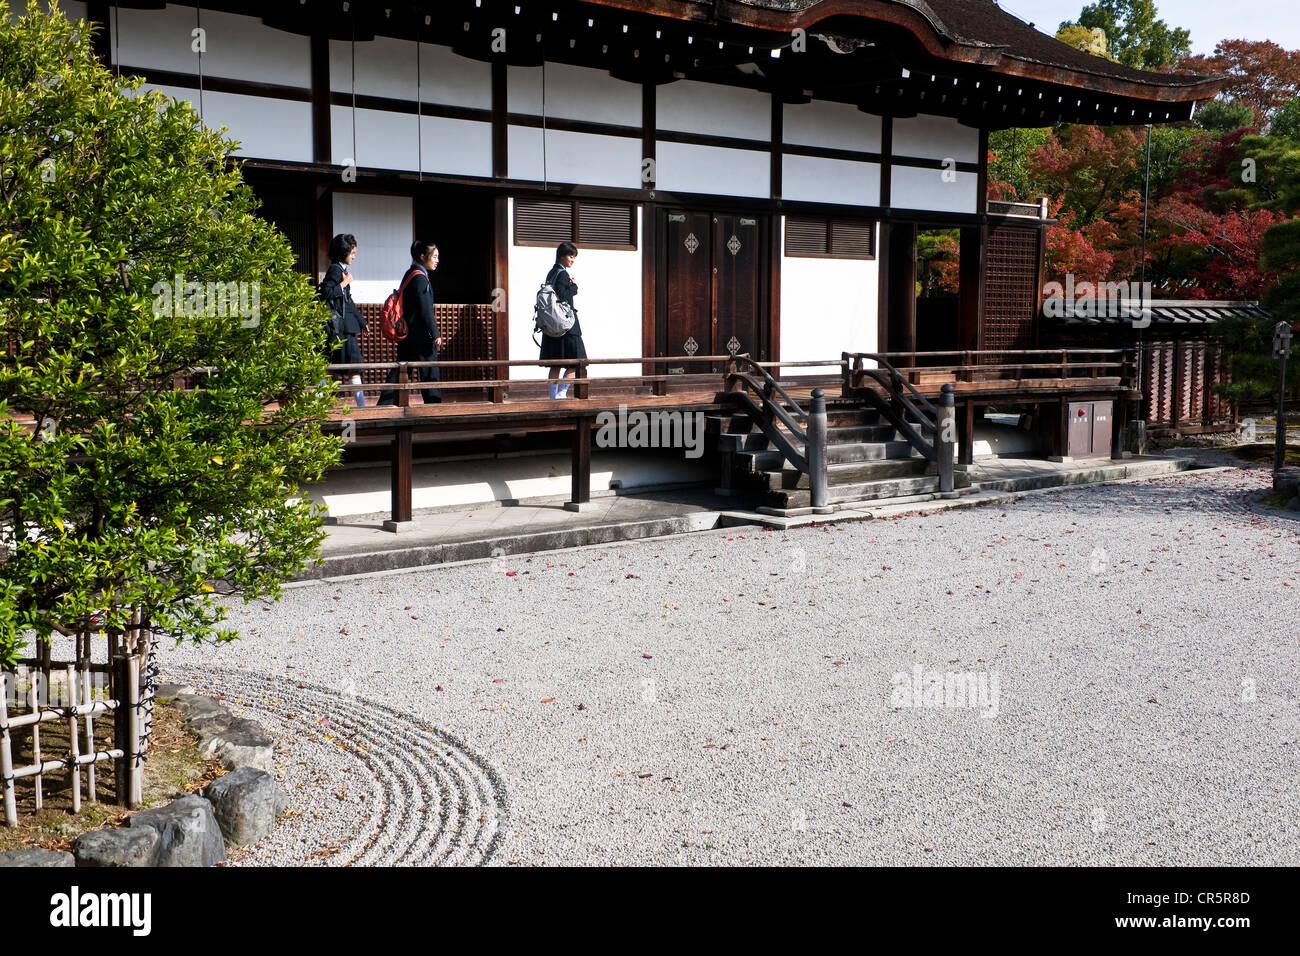 asiatisches-jugendlich-amateur-kyoto